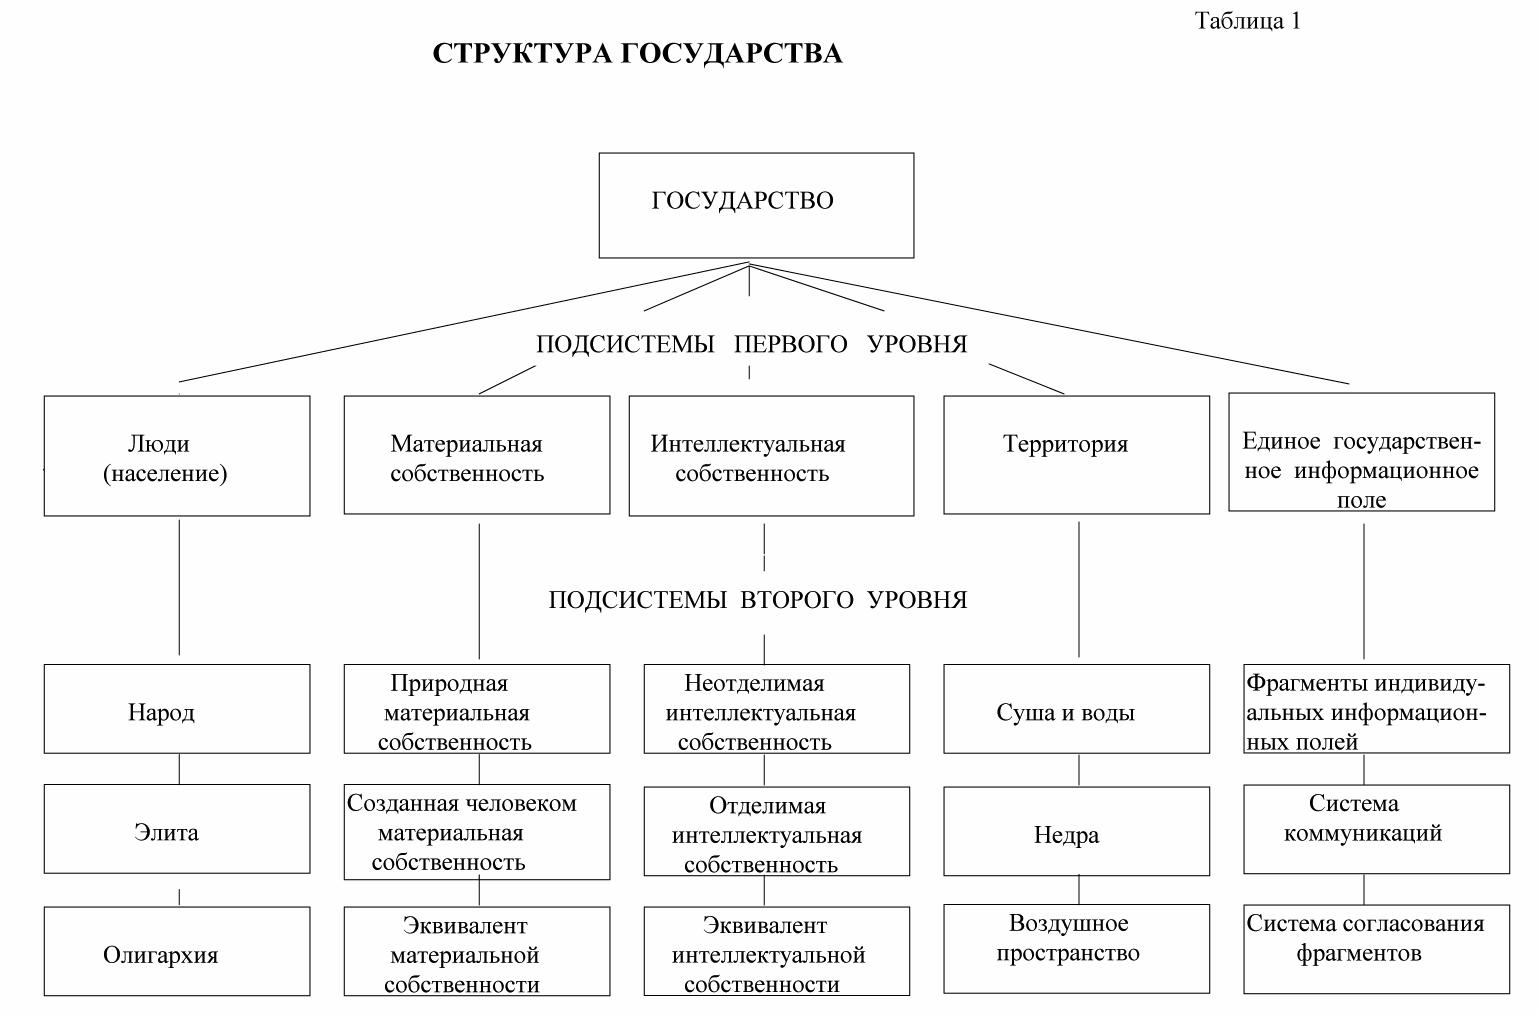 военная организация государства рф схема